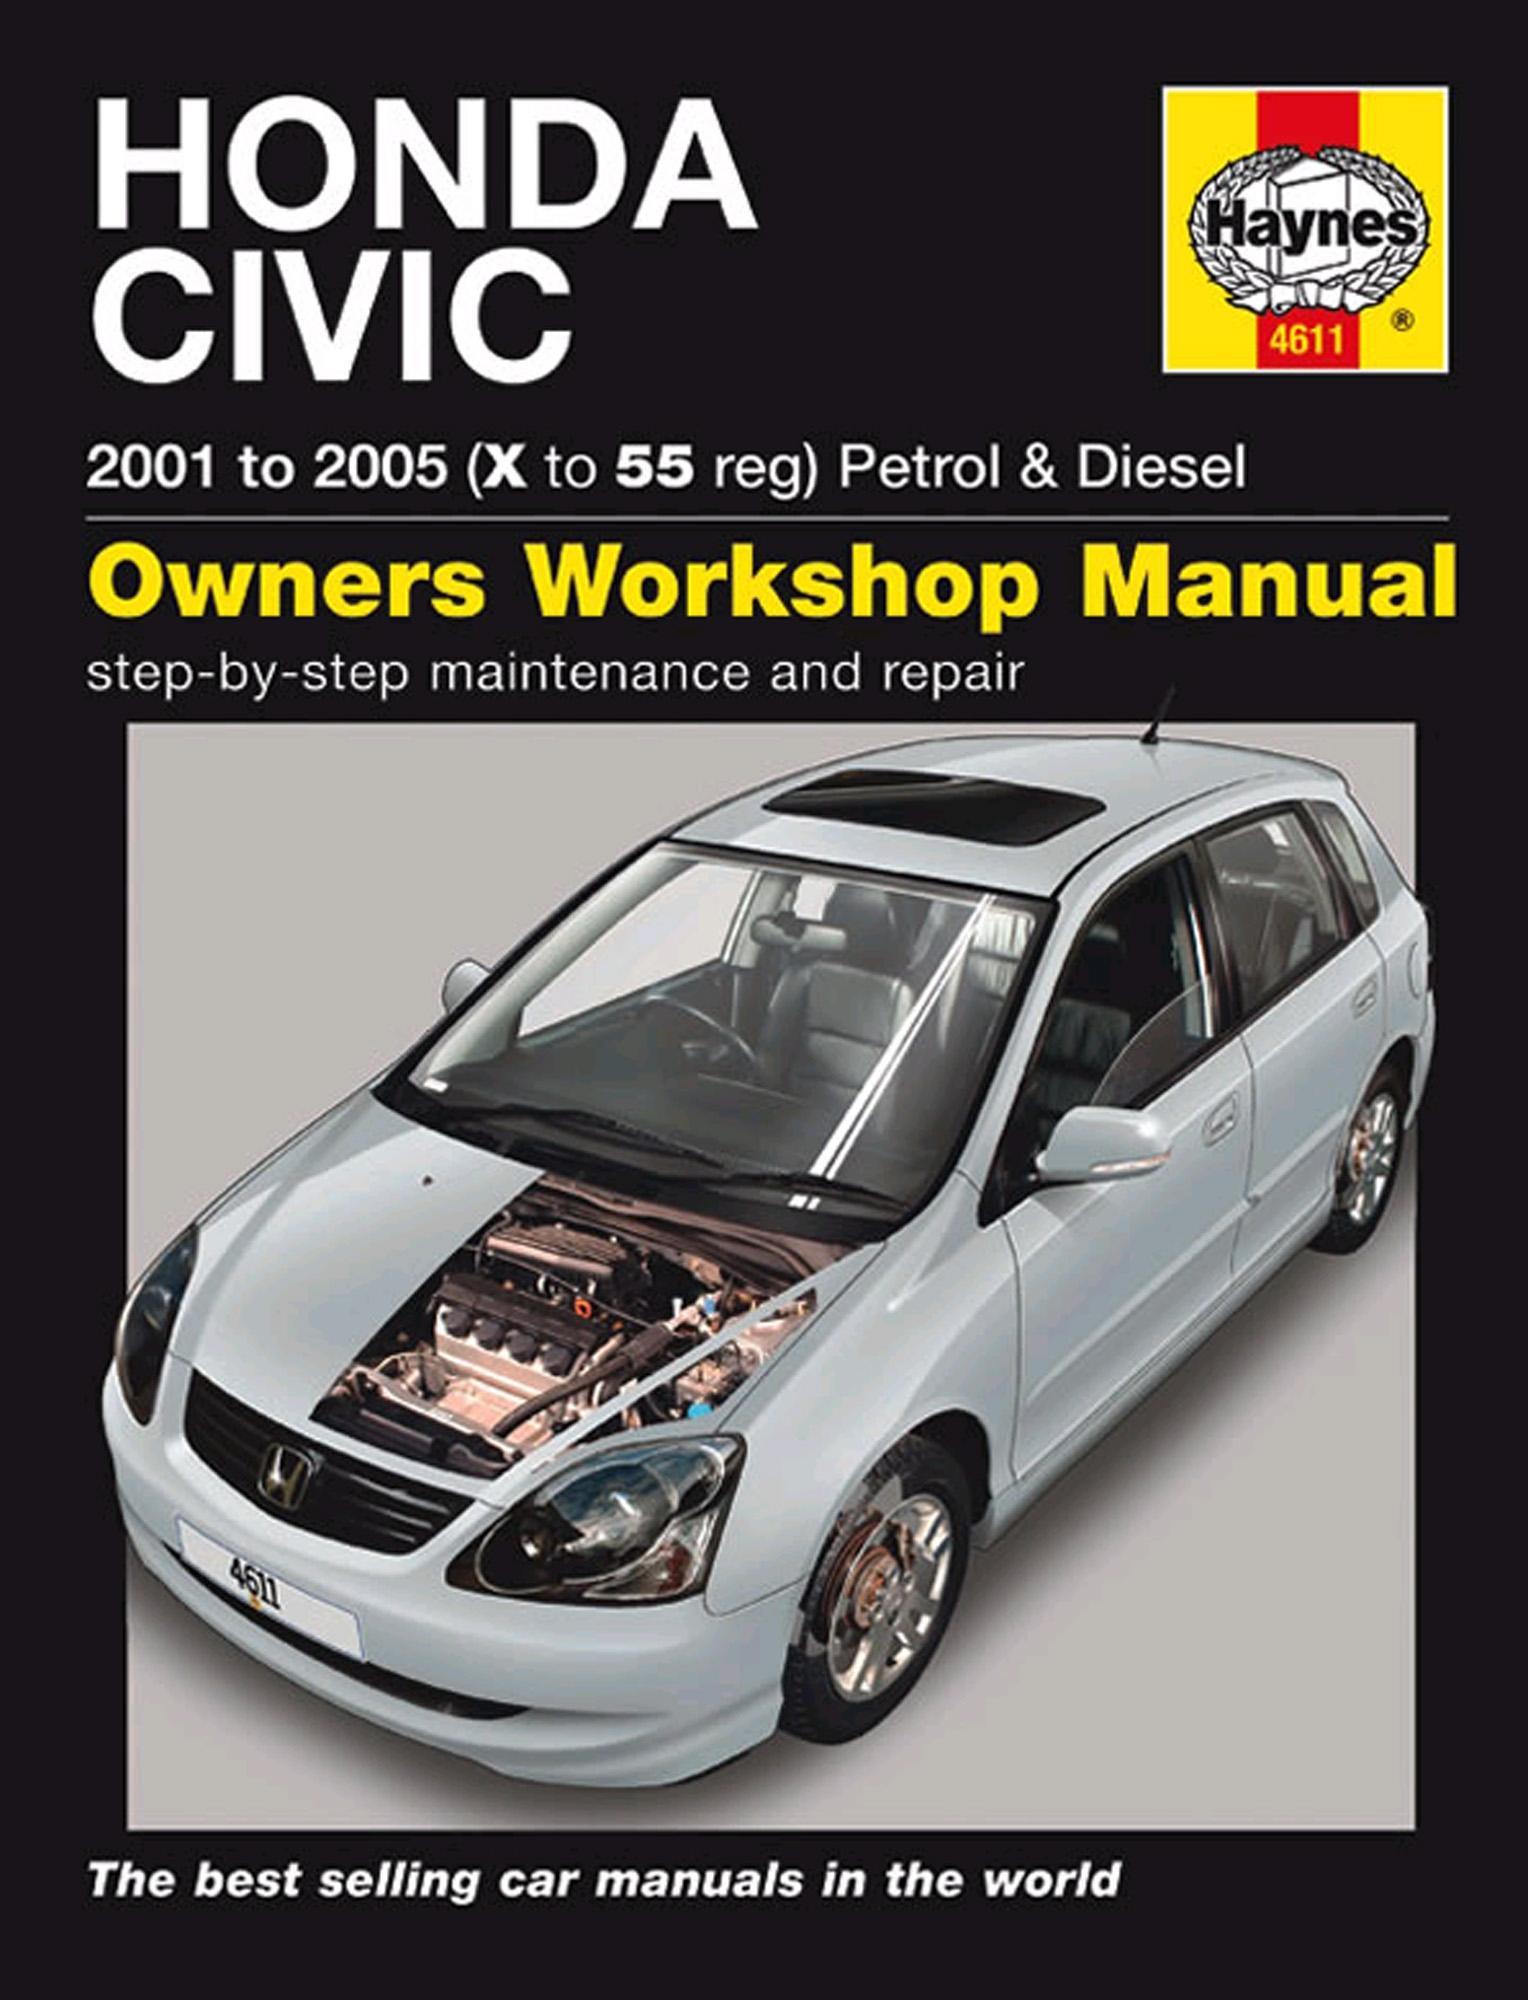 haynes honda civic 01 05 manual rh halfords com Honda Civic Coupe Honda Civic 2002 Manual